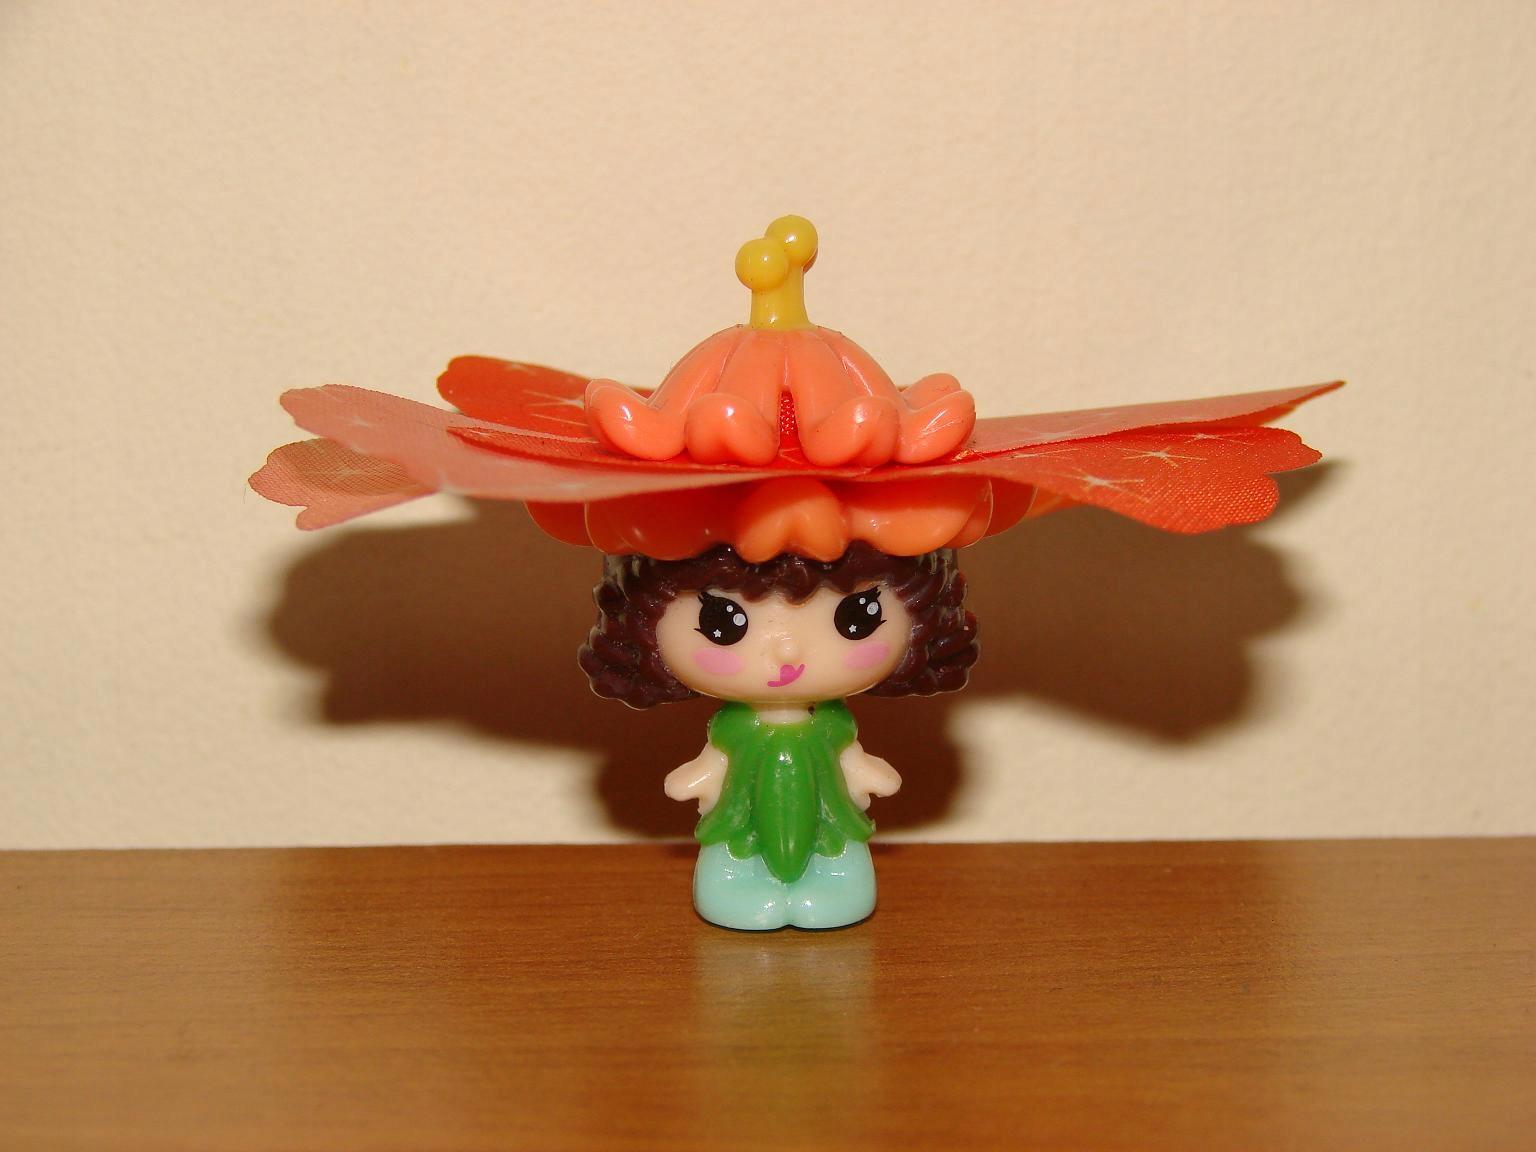 Kwiatowa wróżka Figurka kinder pięć płatków